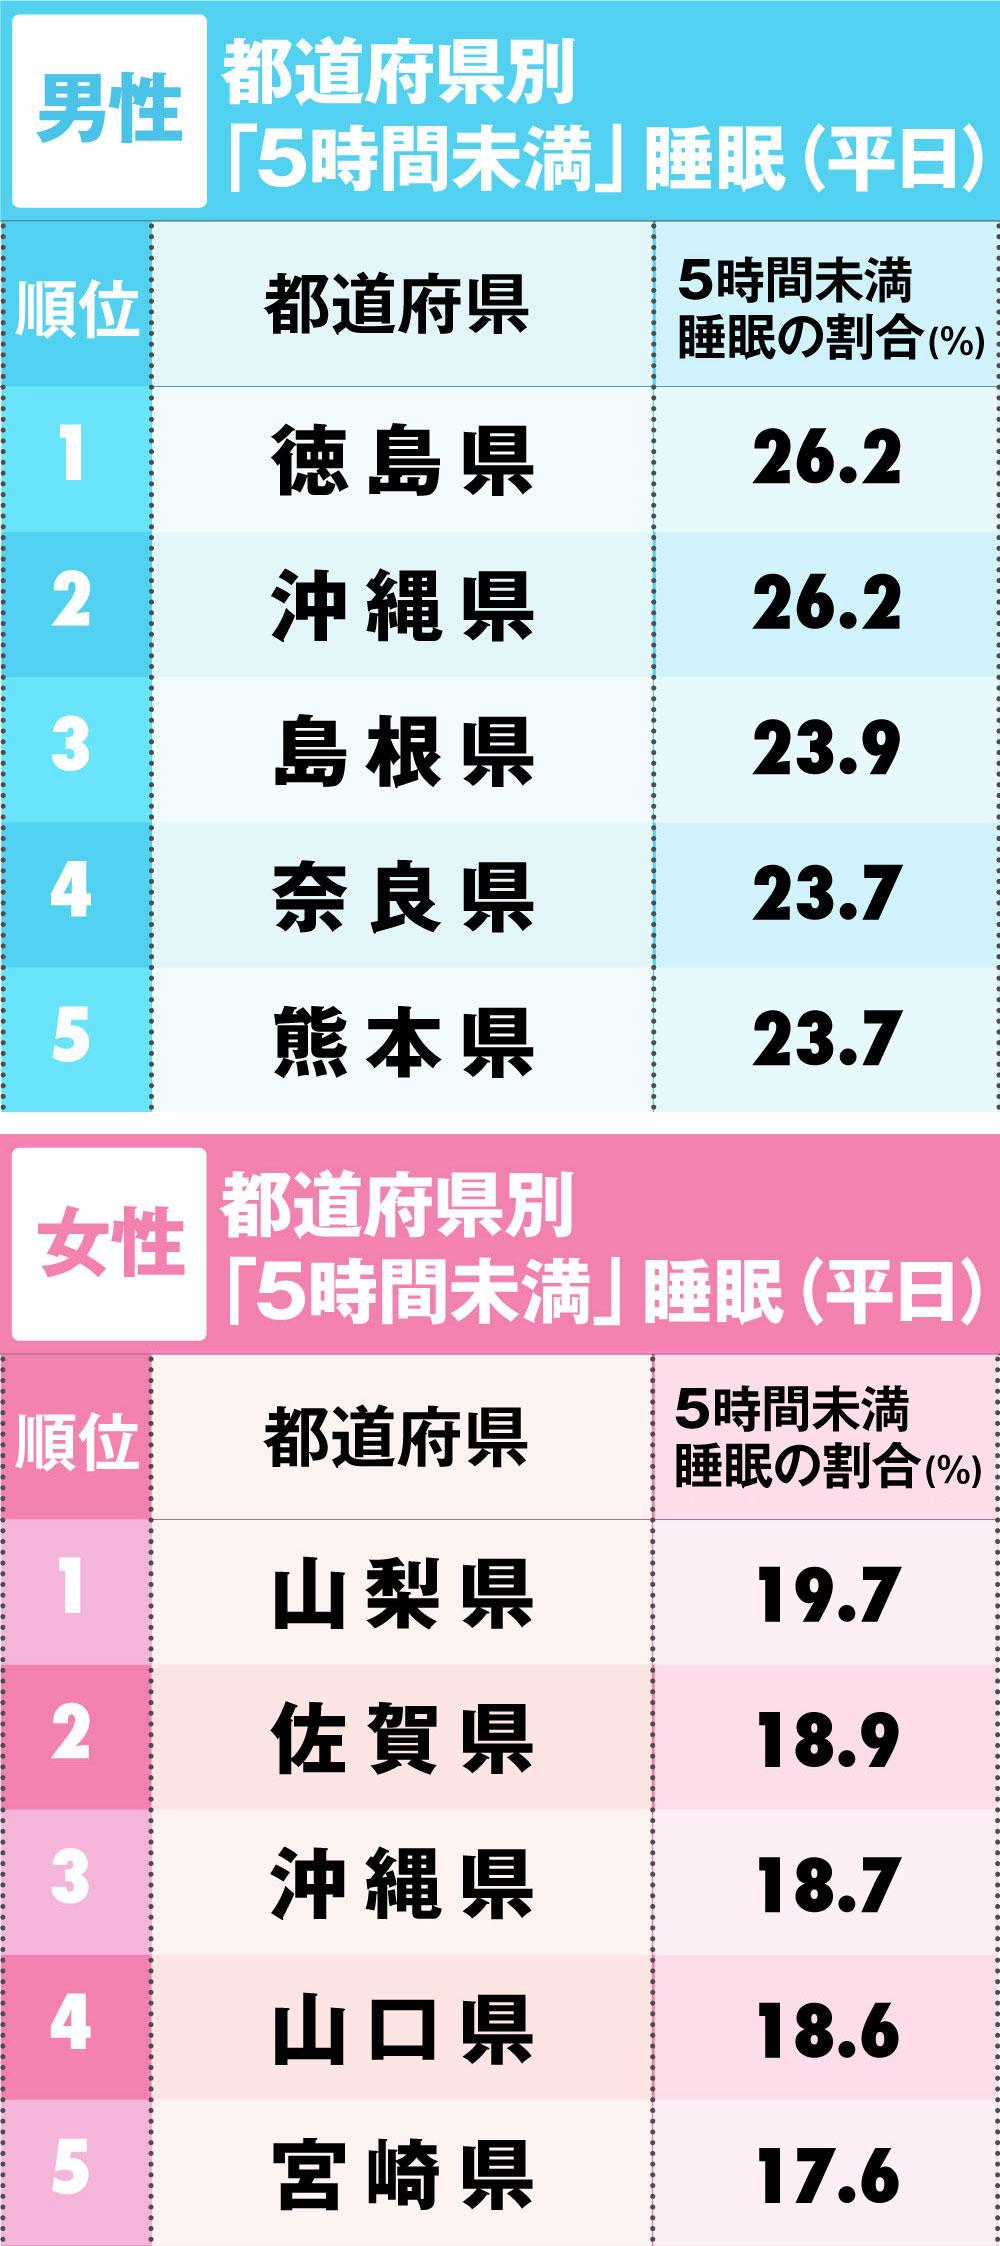 『5時間未満』睡眠の割合が高い都道府県ランキング」男性1~23位